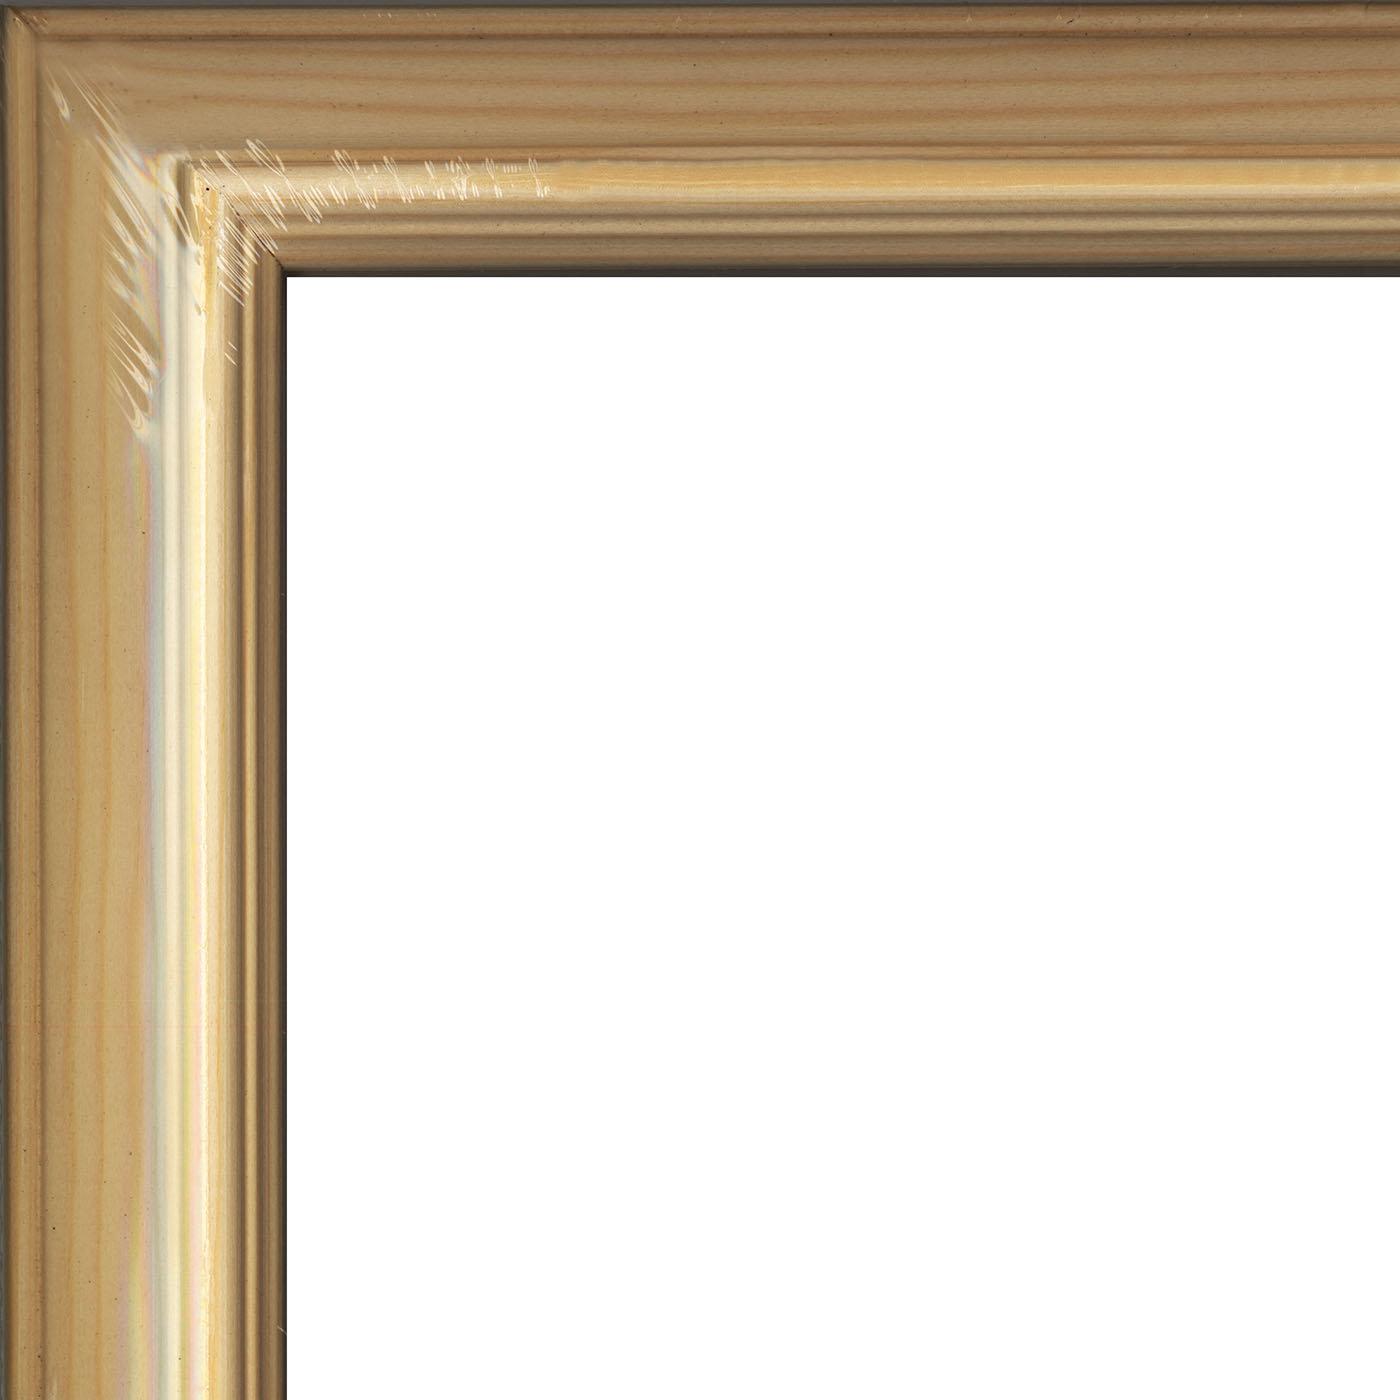 Рамы без стекла Метрика ООО Рама без стекла 45х50см, серия С6 ГАБИ, сосна неокрашенная, профиль прямой